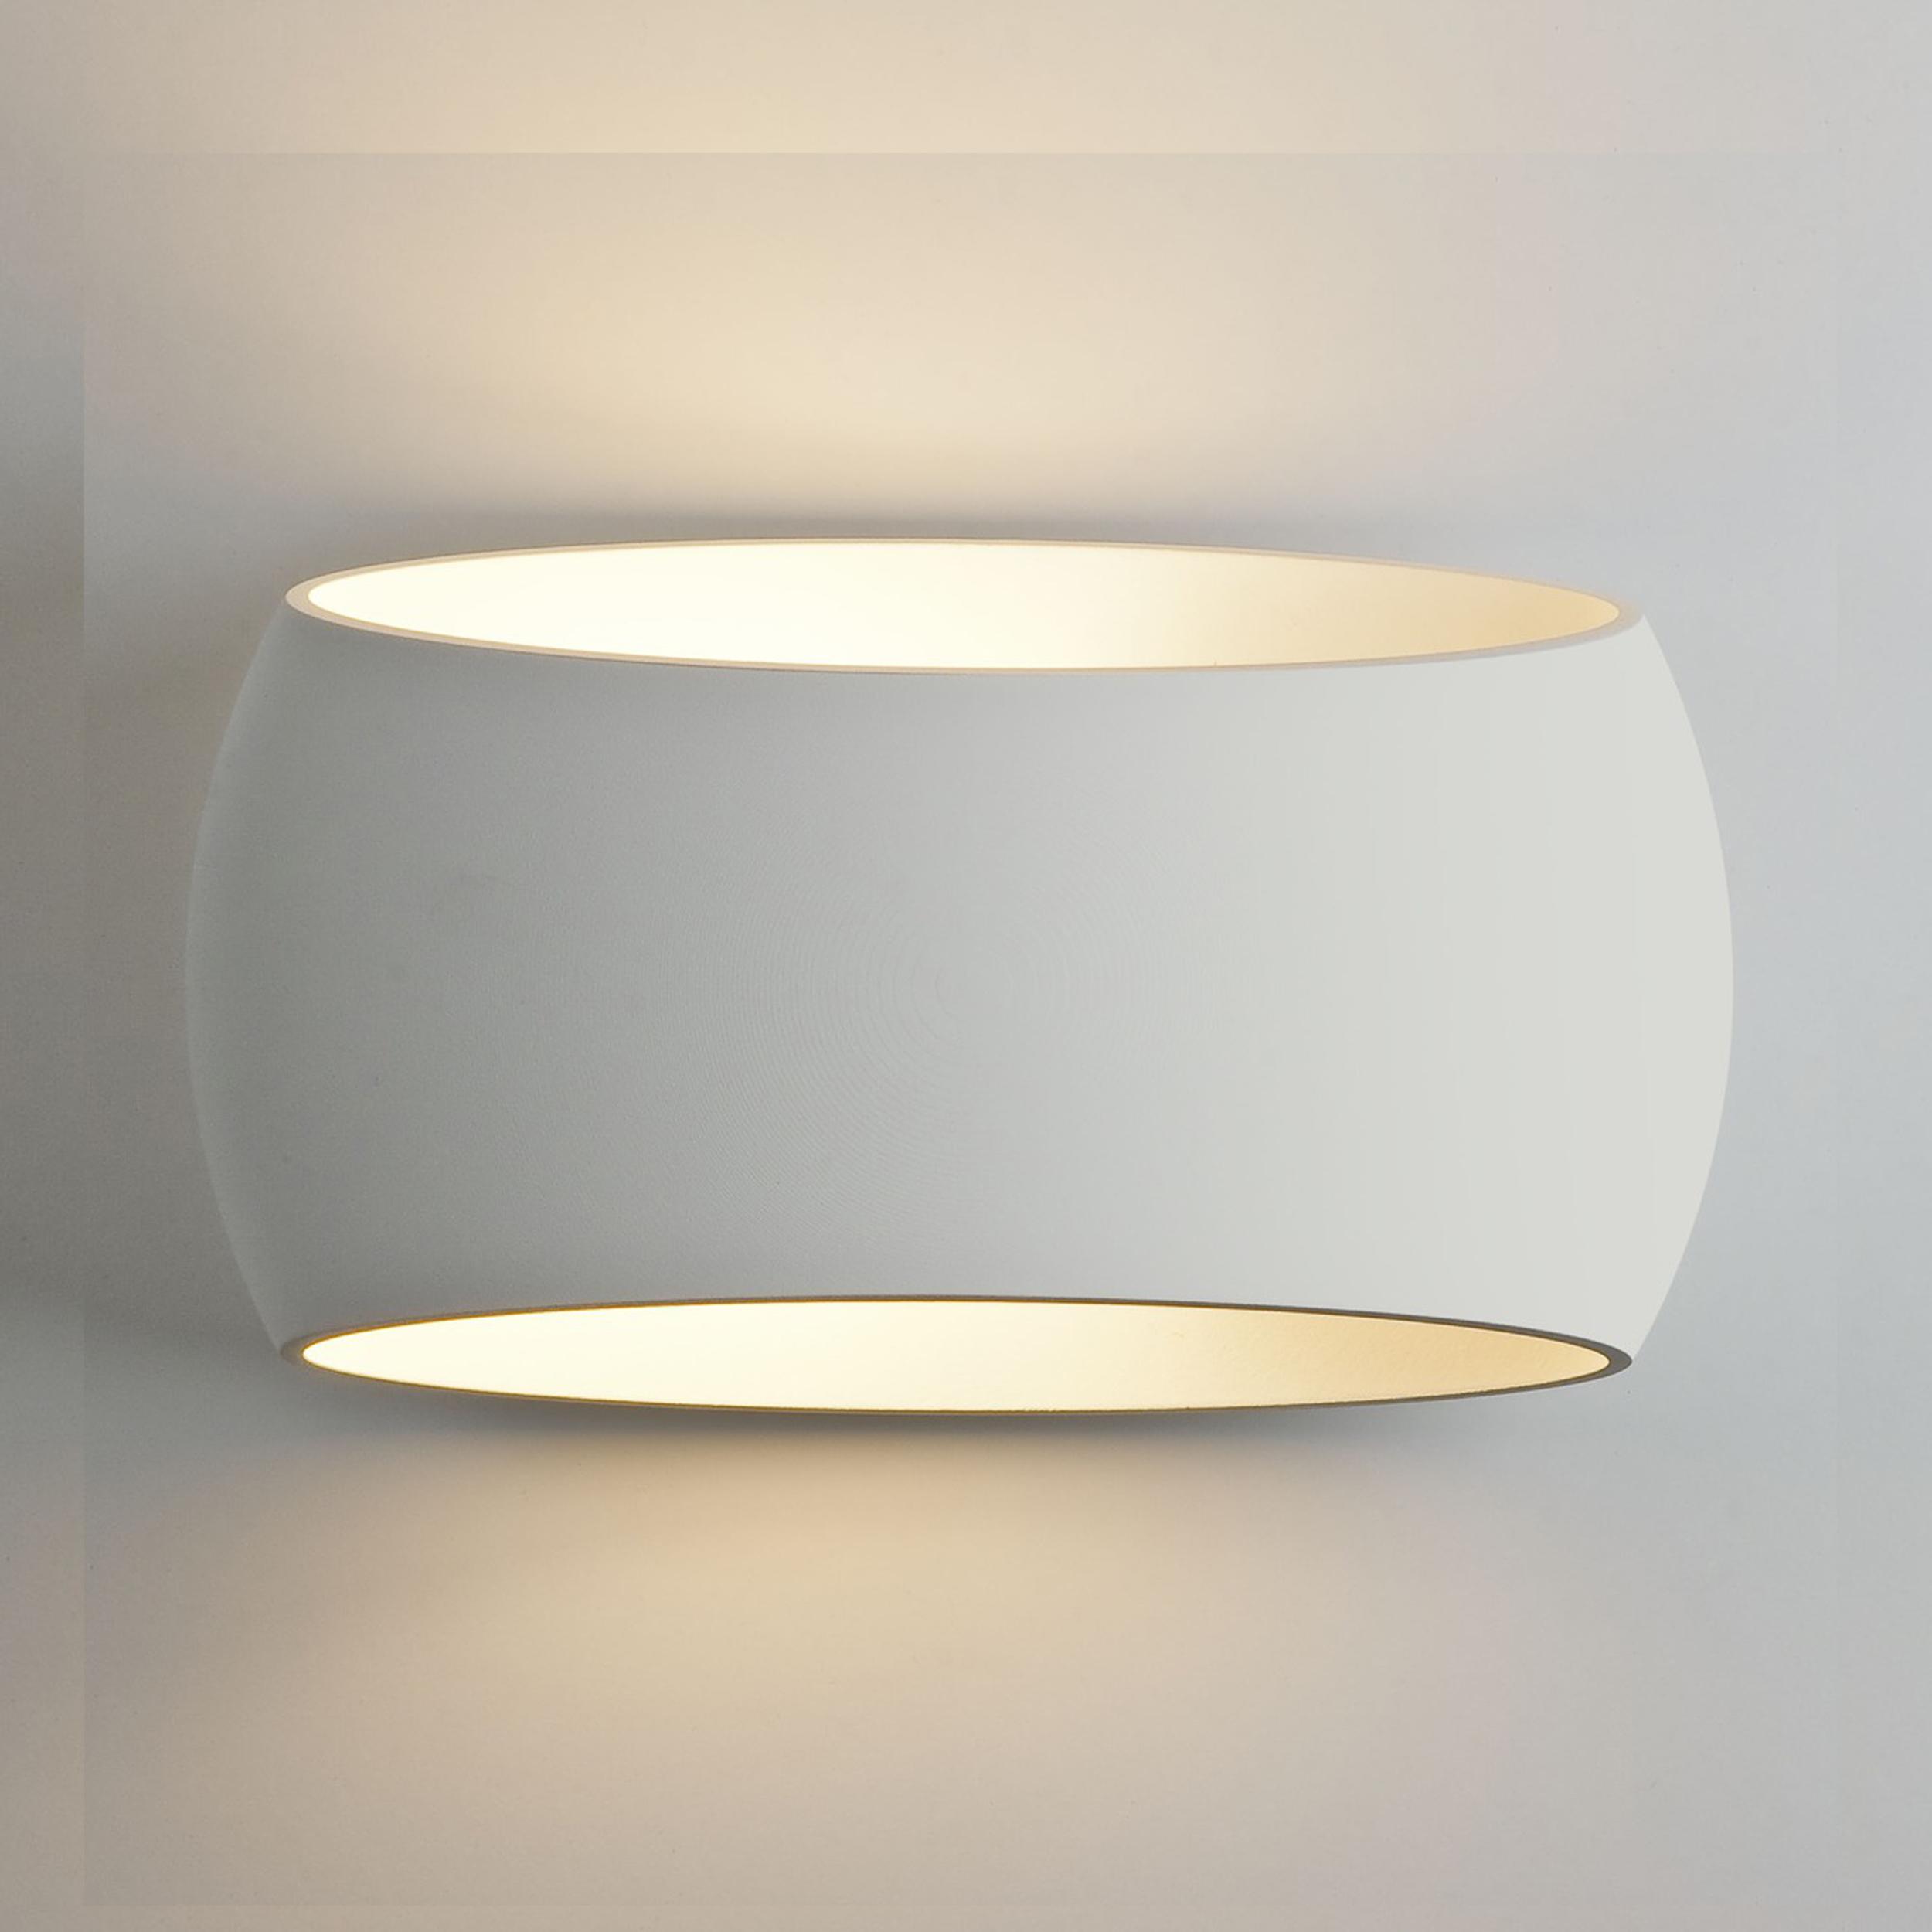 Astro Aria 300 Wall Light White B